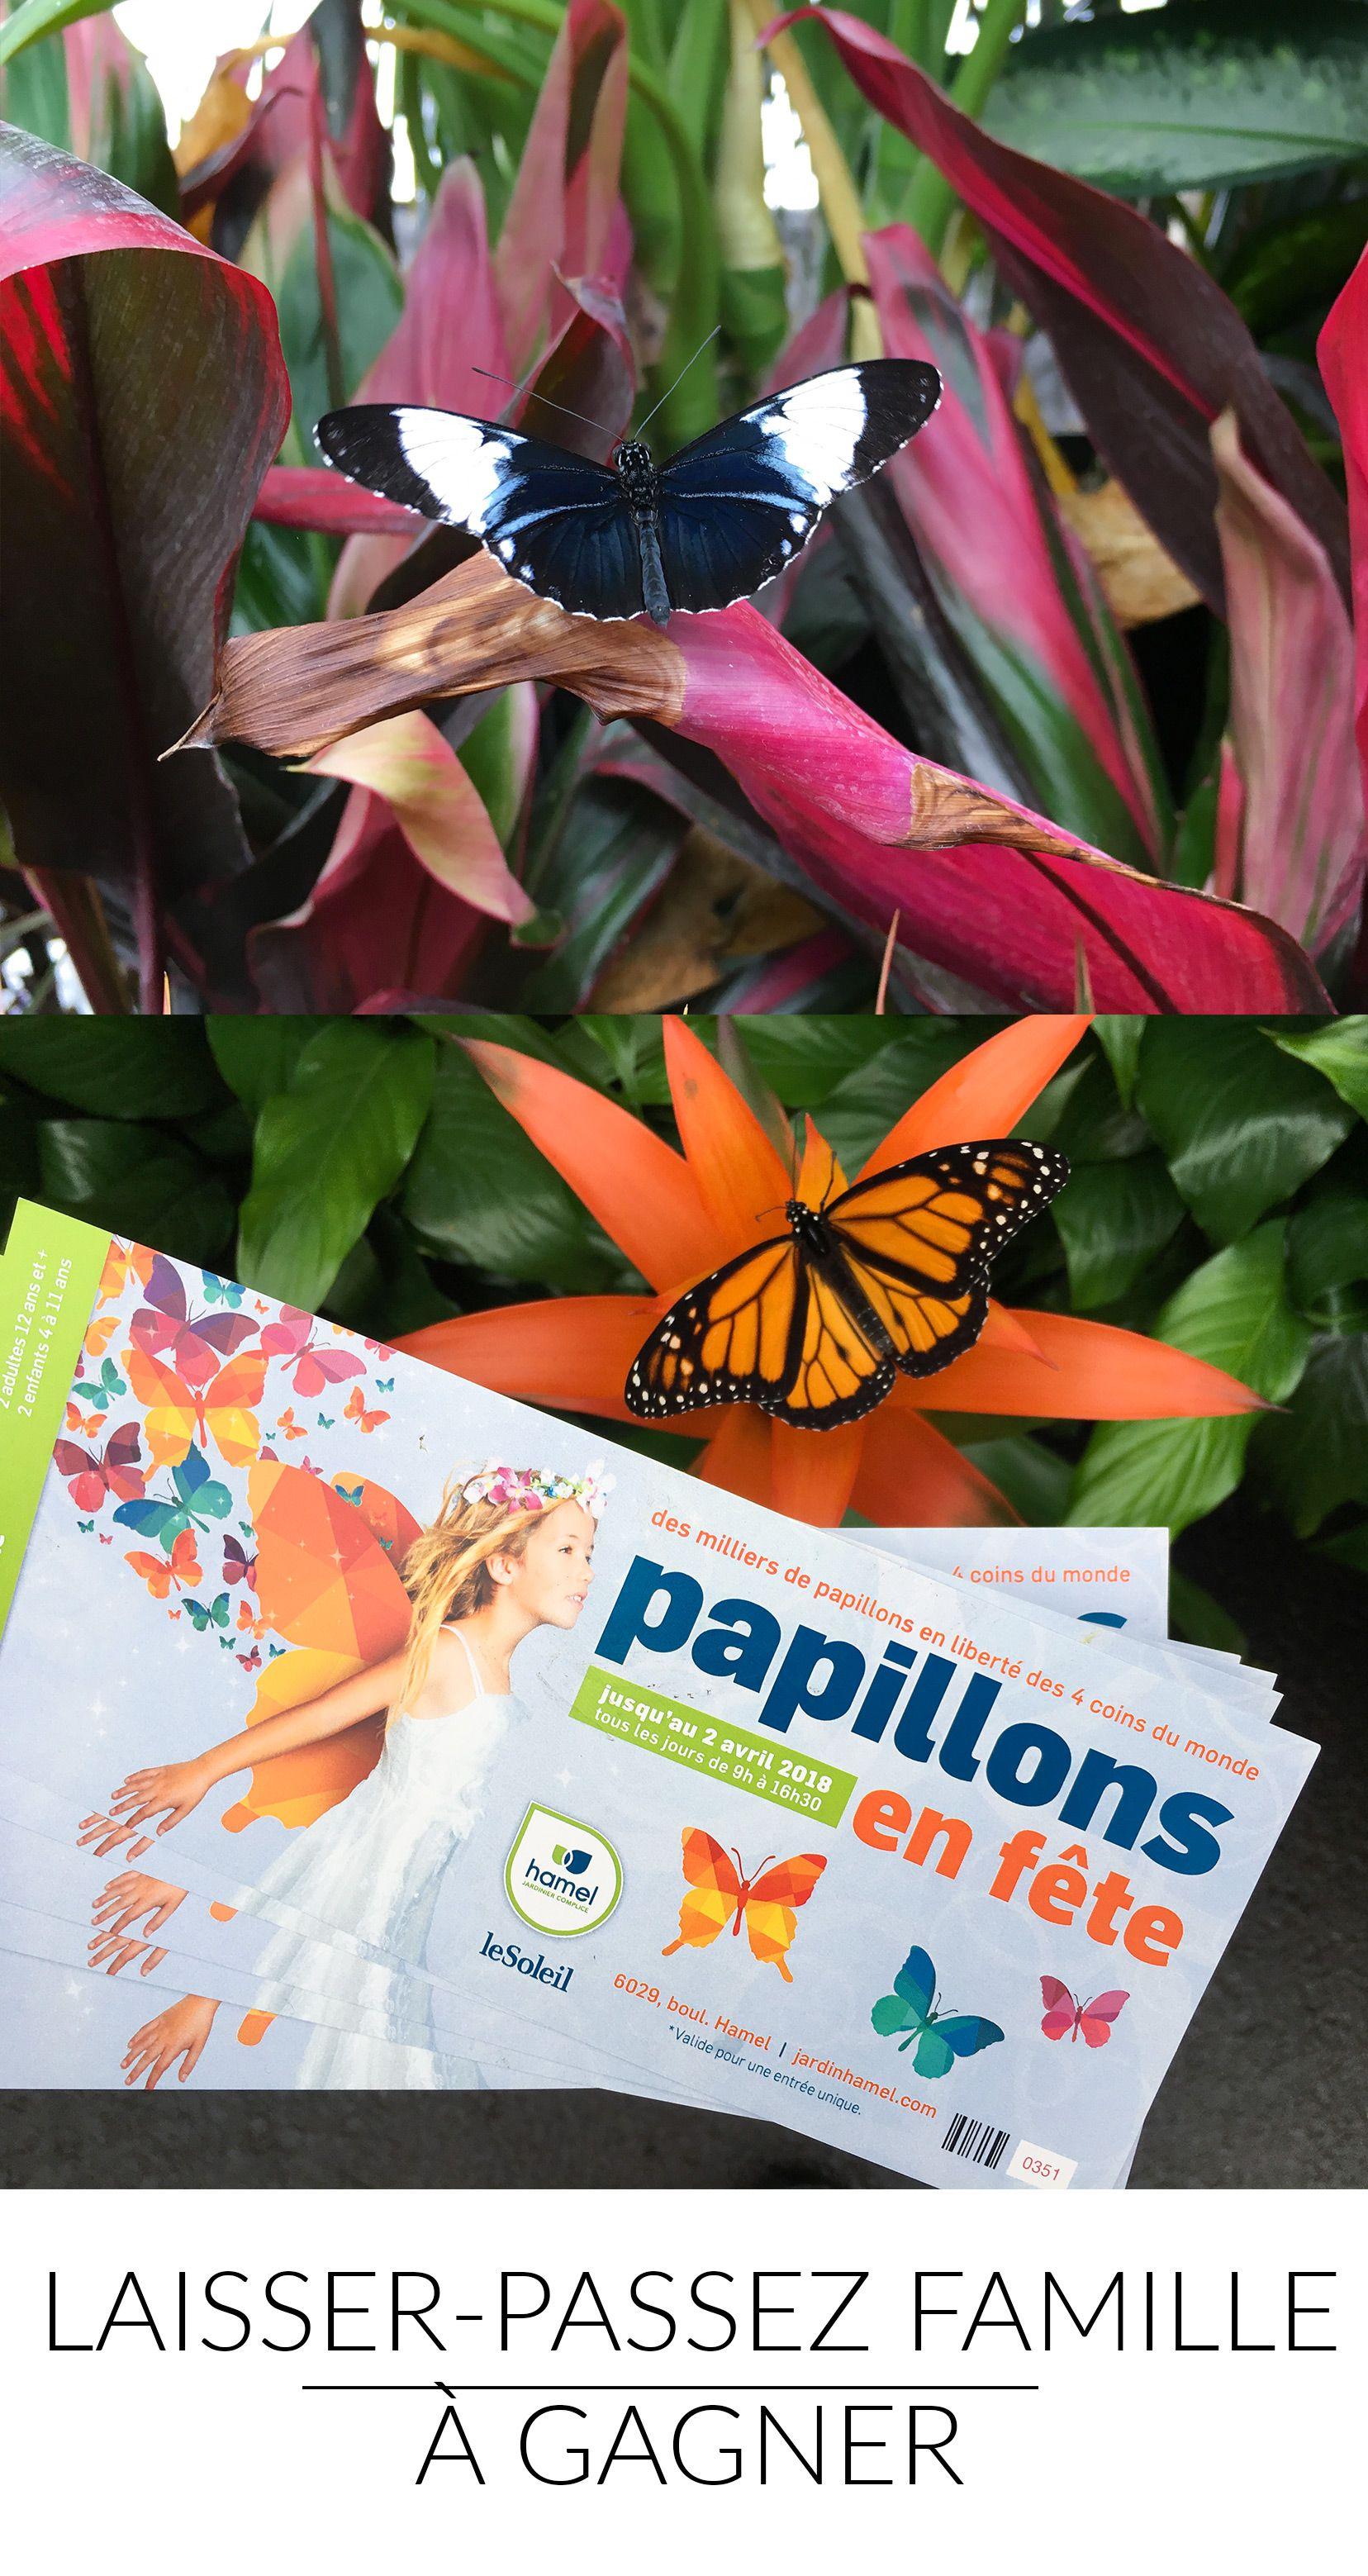 Gagne Ton Laisser Passez Famille Pour Papillons En Fete Chez Jardin